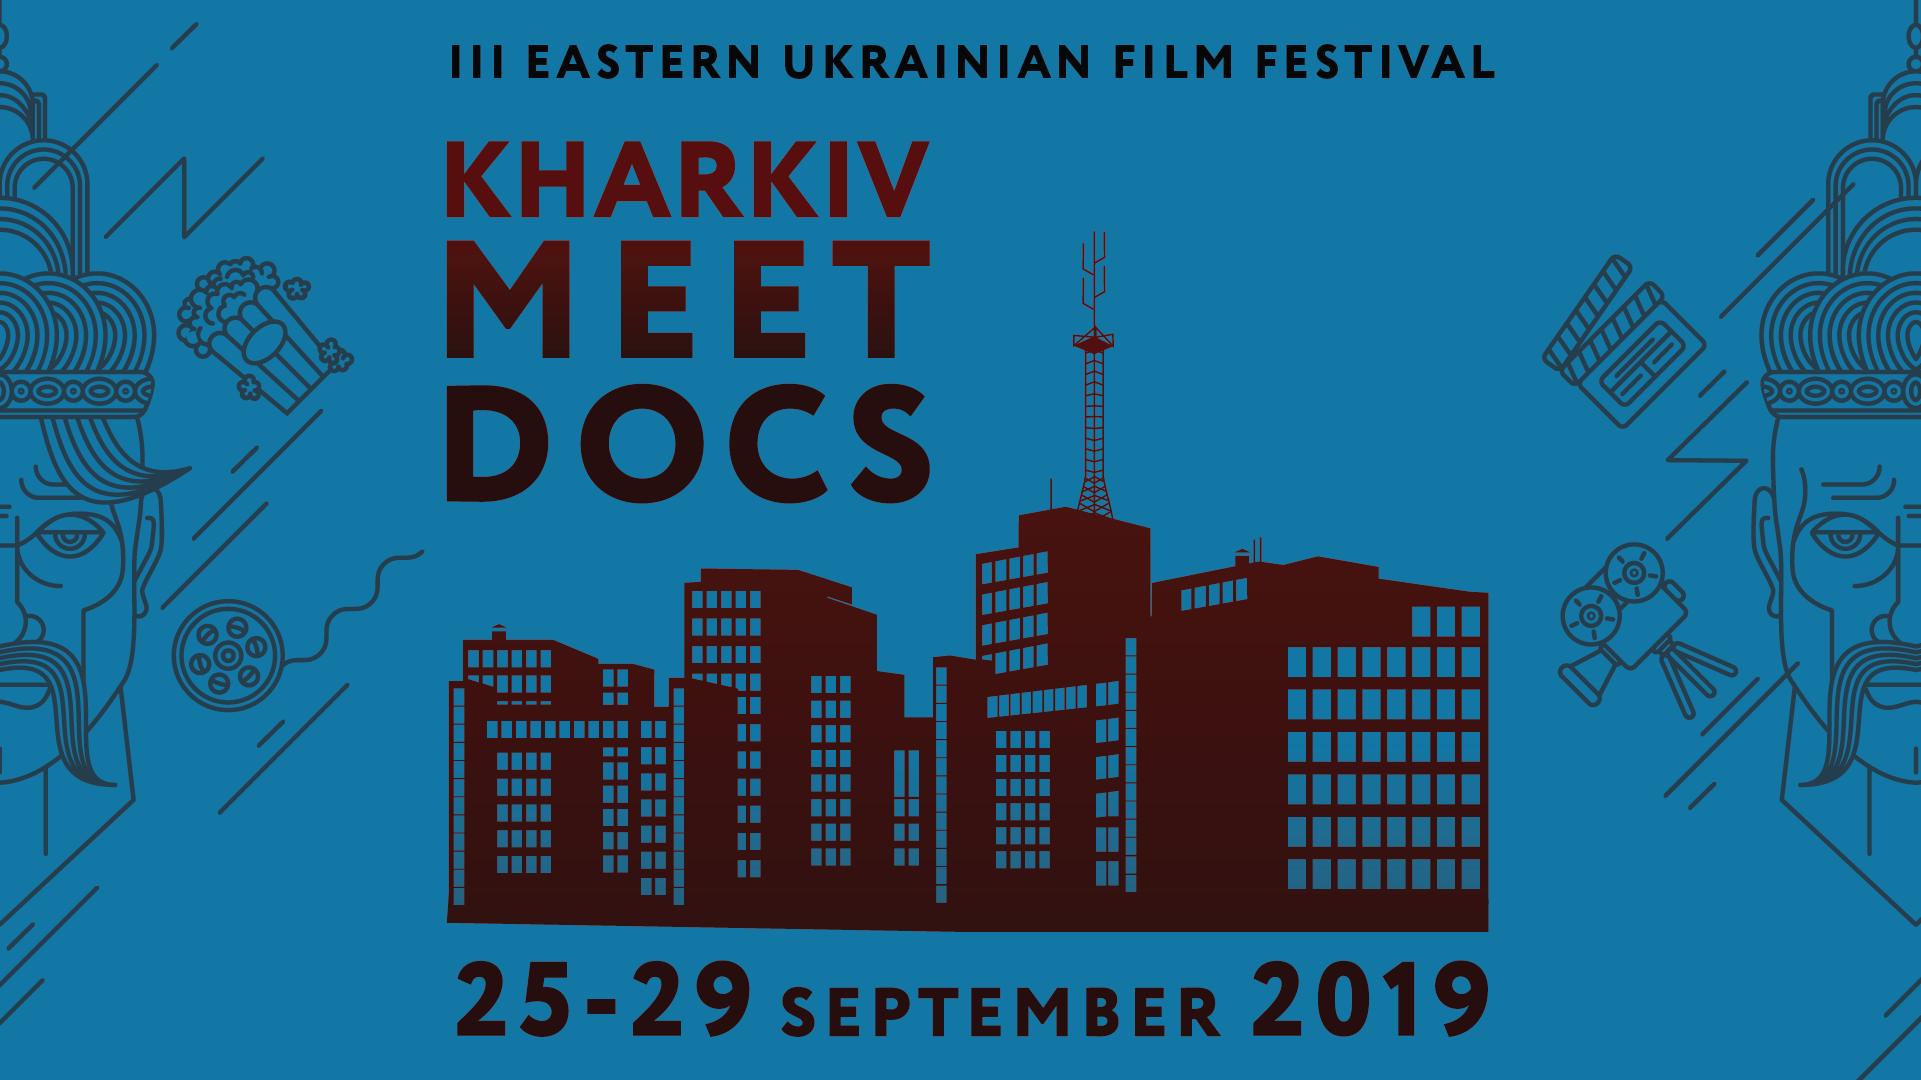 Кінофестиваль Kharkiv Meet Docs оголосив учасників пітчингу кінопроектів та фестивалю незалежного короткометражного українського кіно «Бардак»